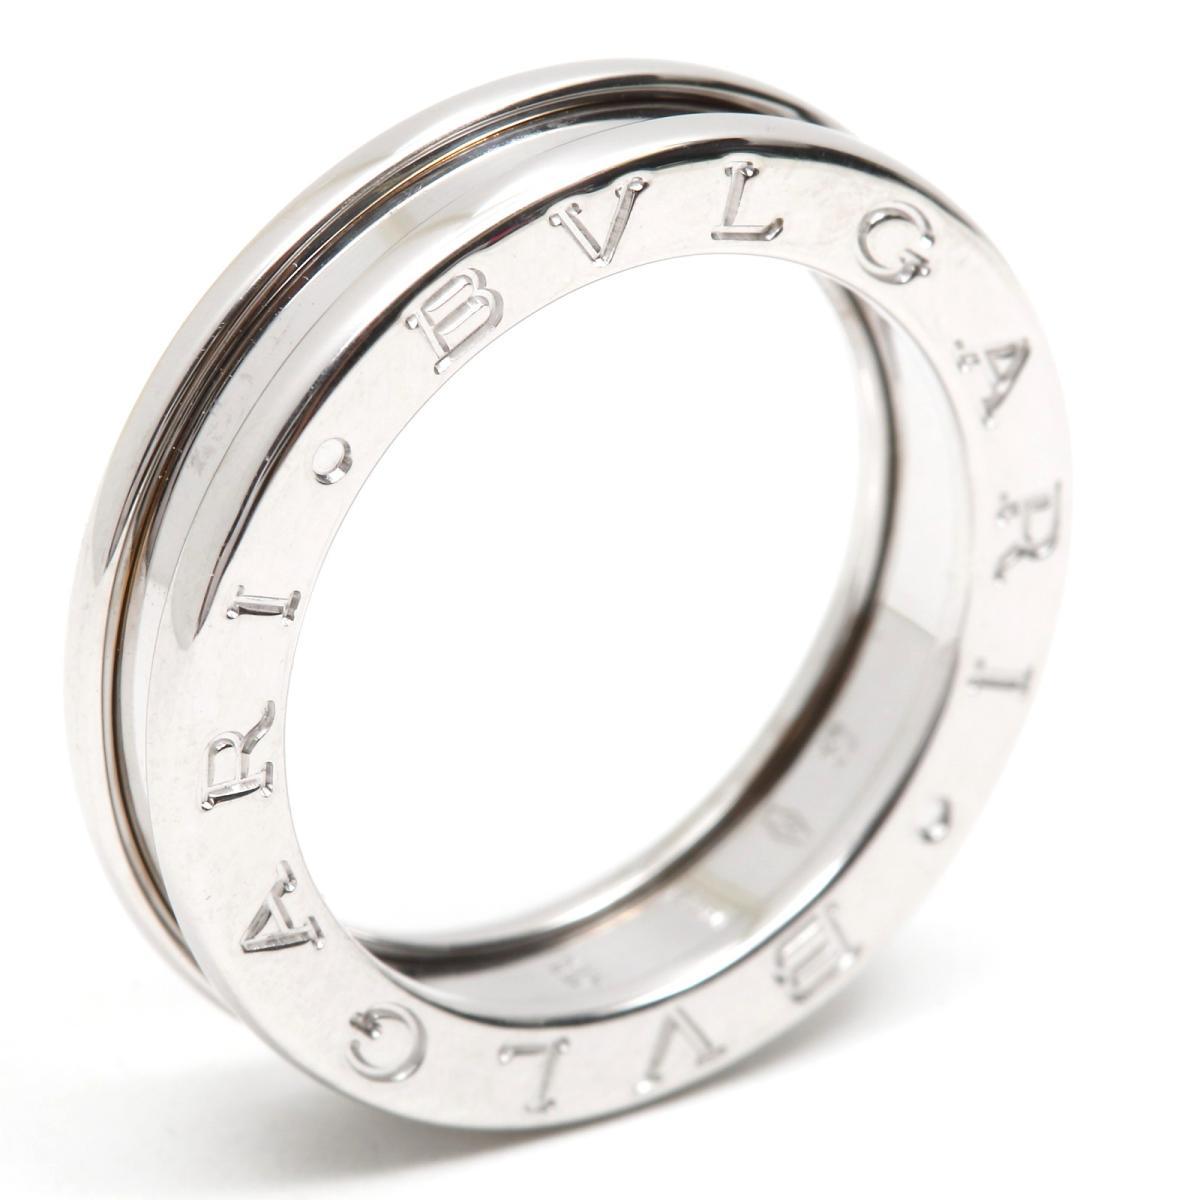 【中古】 ブルガリ B-zero1 リング XSサイズ ビーゼロワン 指輪 レディース K18WG (750) ホワイトゴールド | BVLGARI BRANDOFF ブランドオフ ブランド ジュエリー アクセサリー